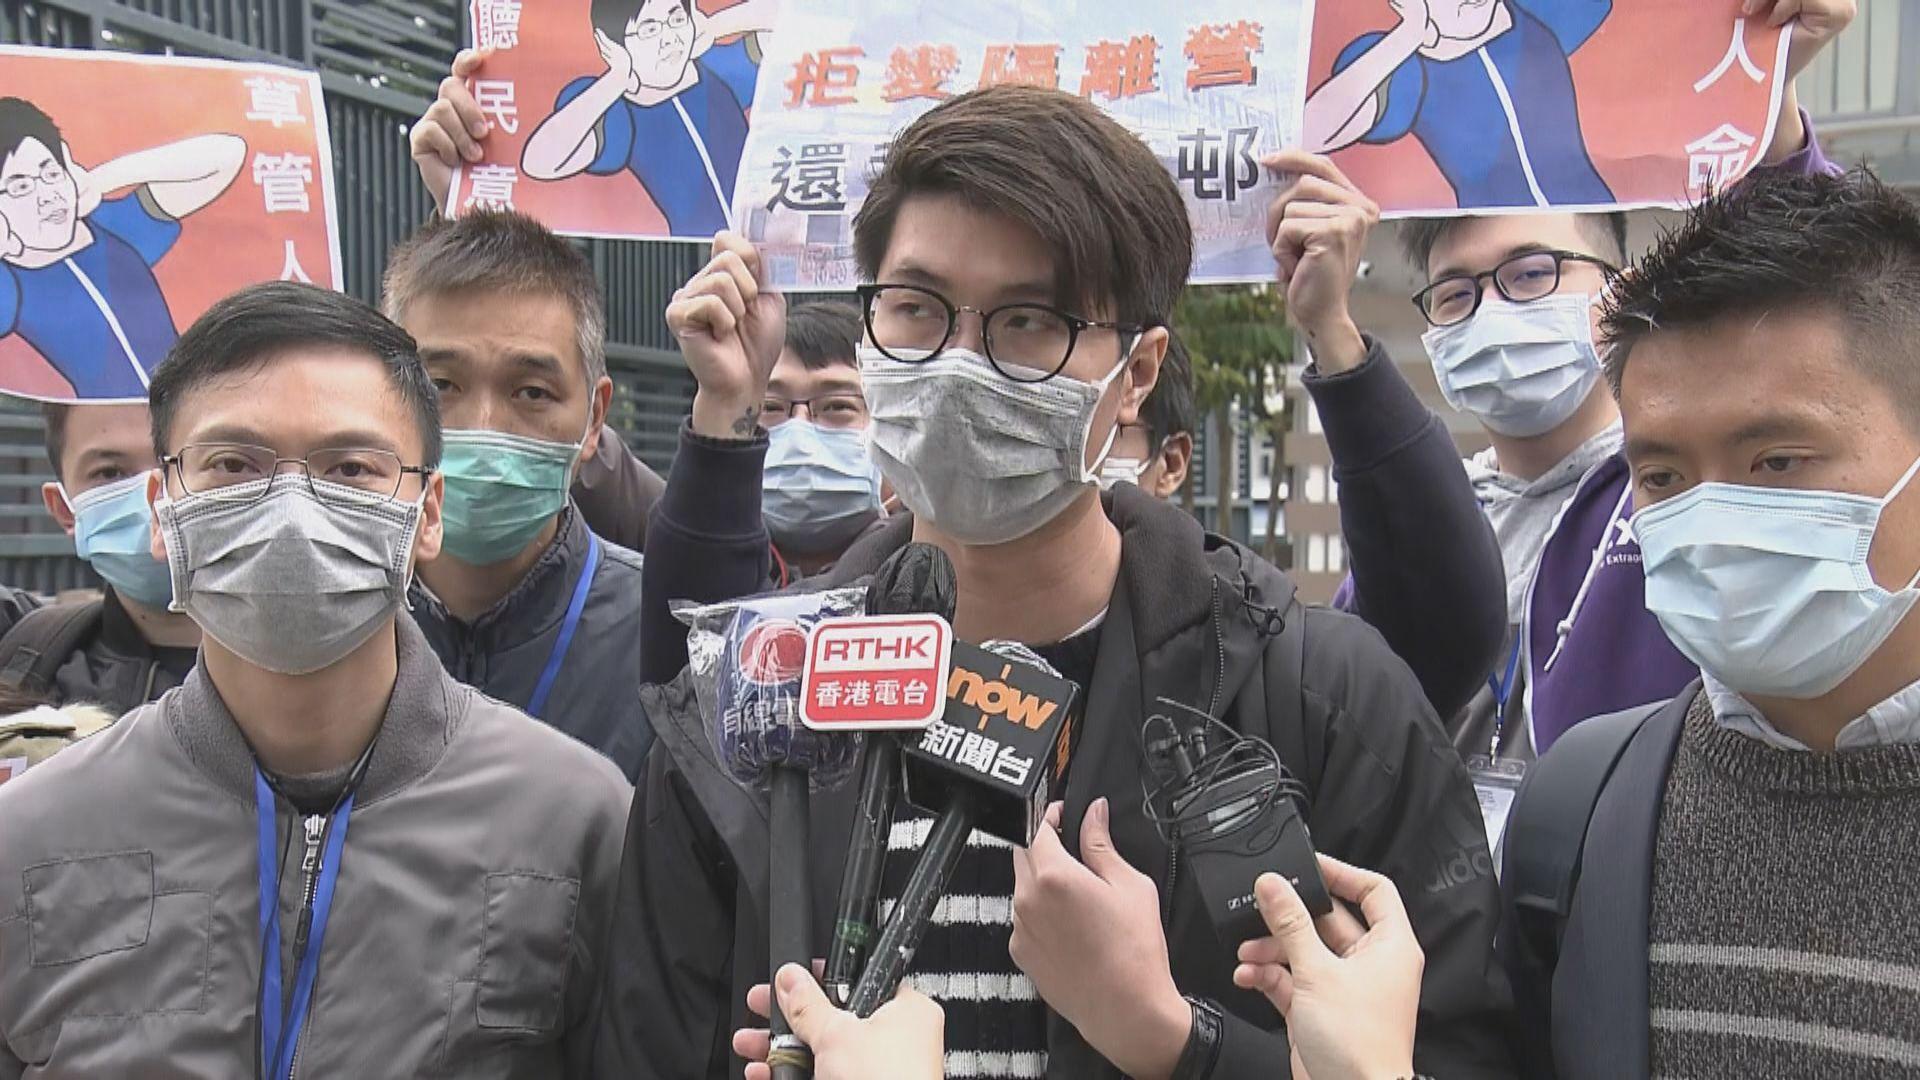 徐德義出席區議會承認駿洋邨作檢疫中心決定倉促